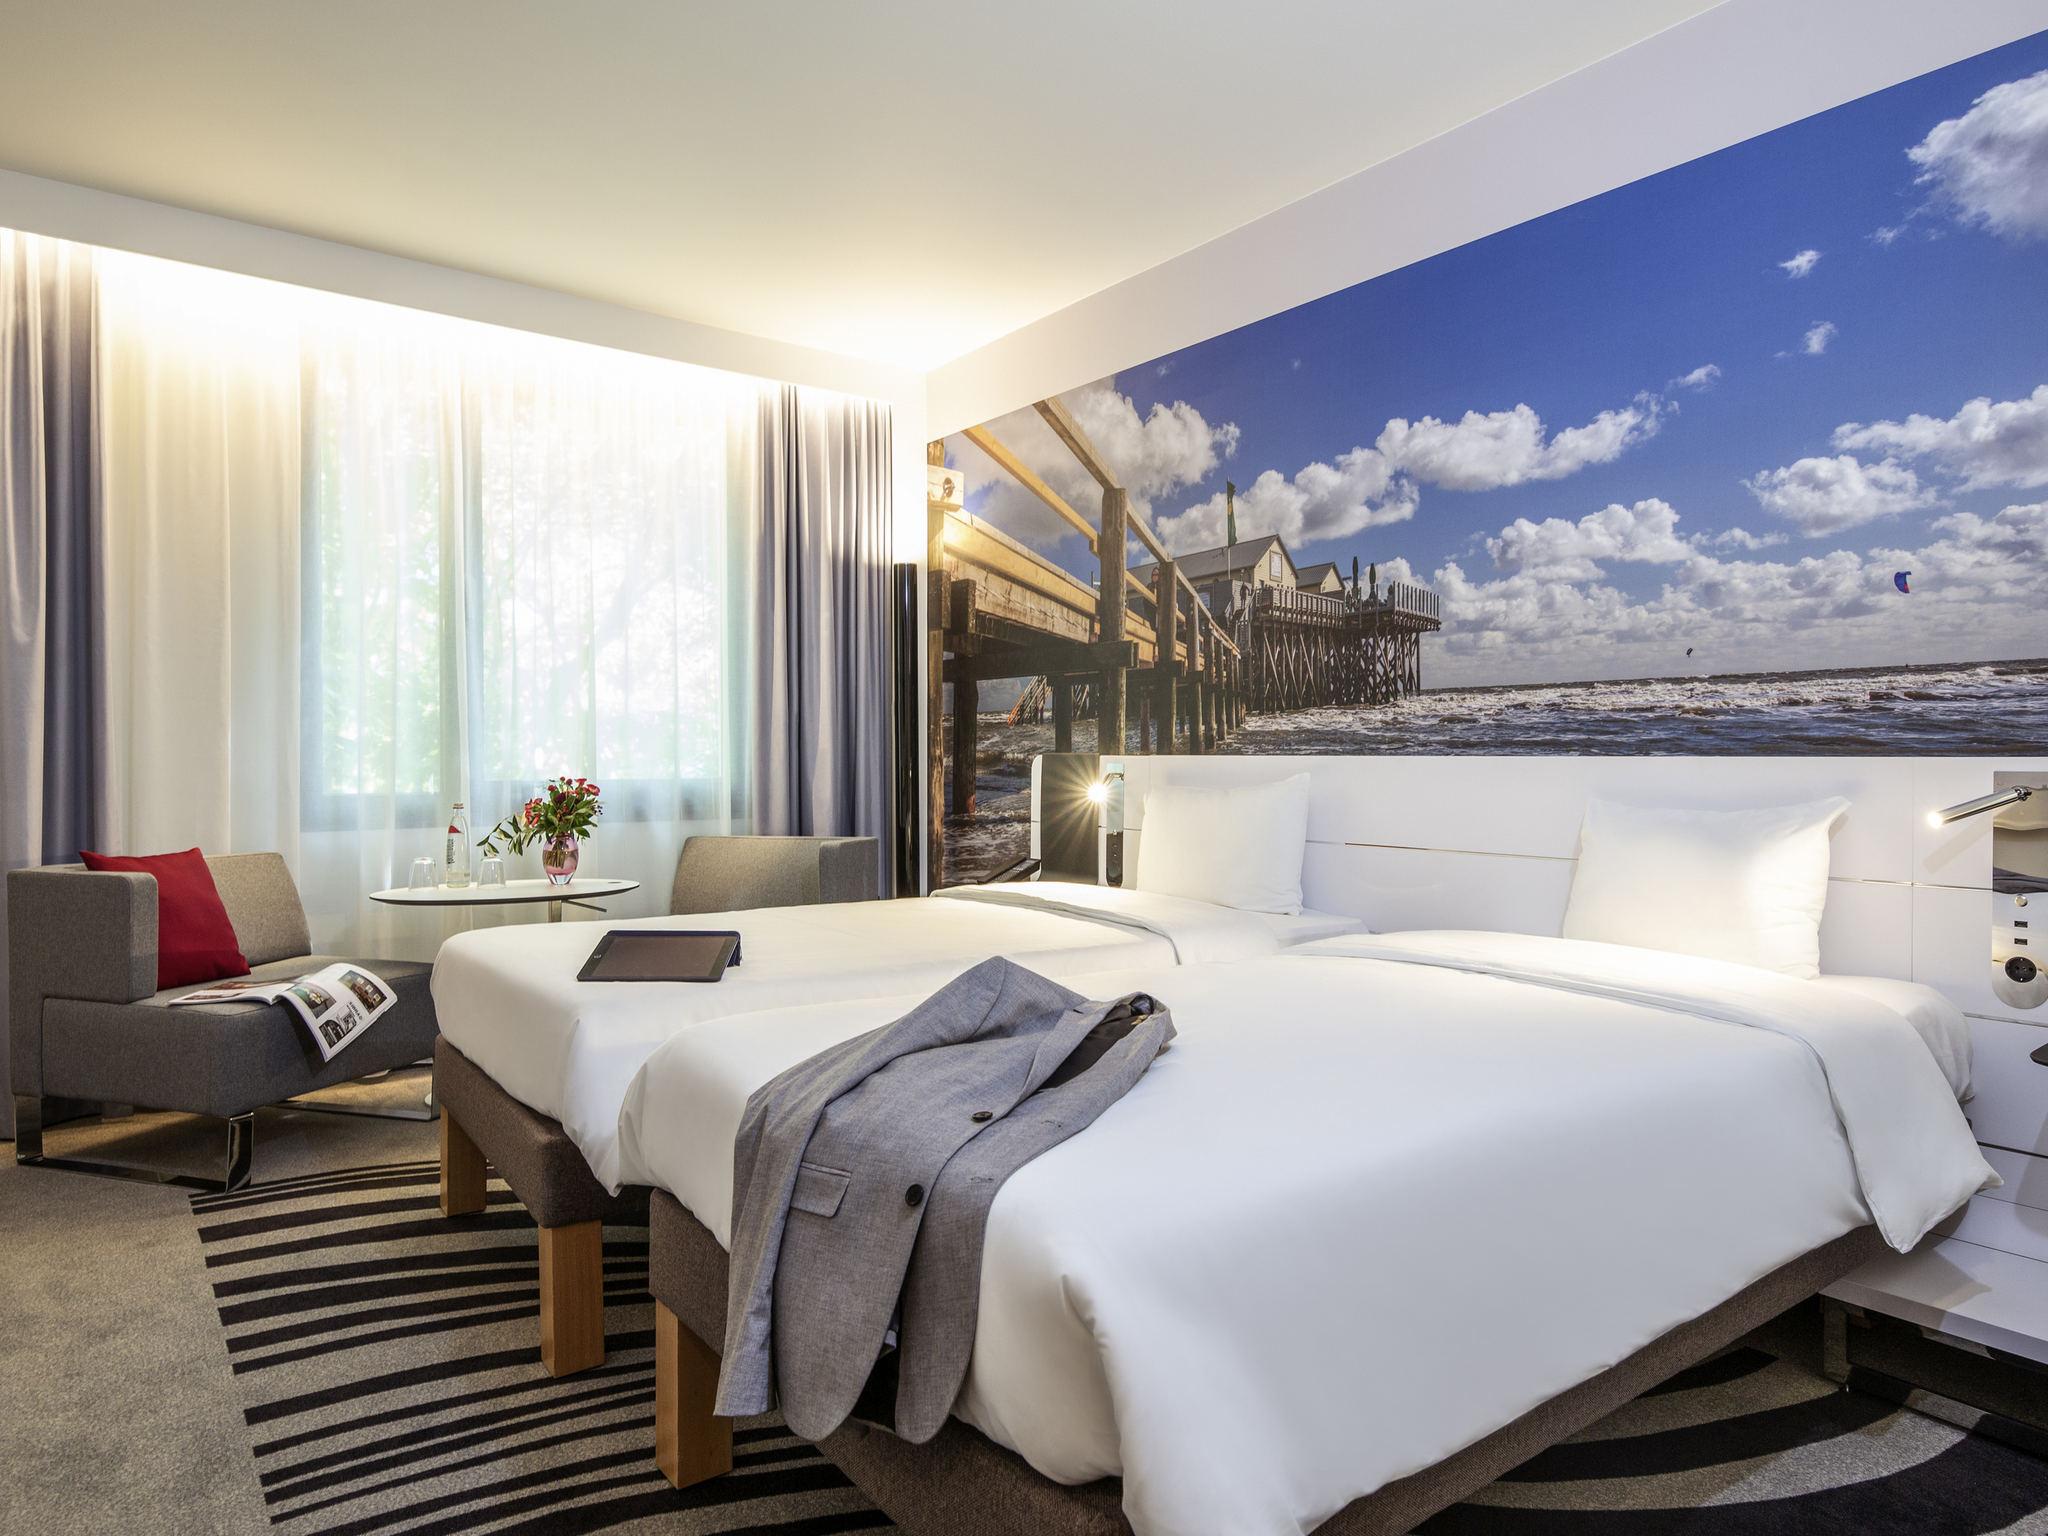 Novotel Alster Hotel Hamburg